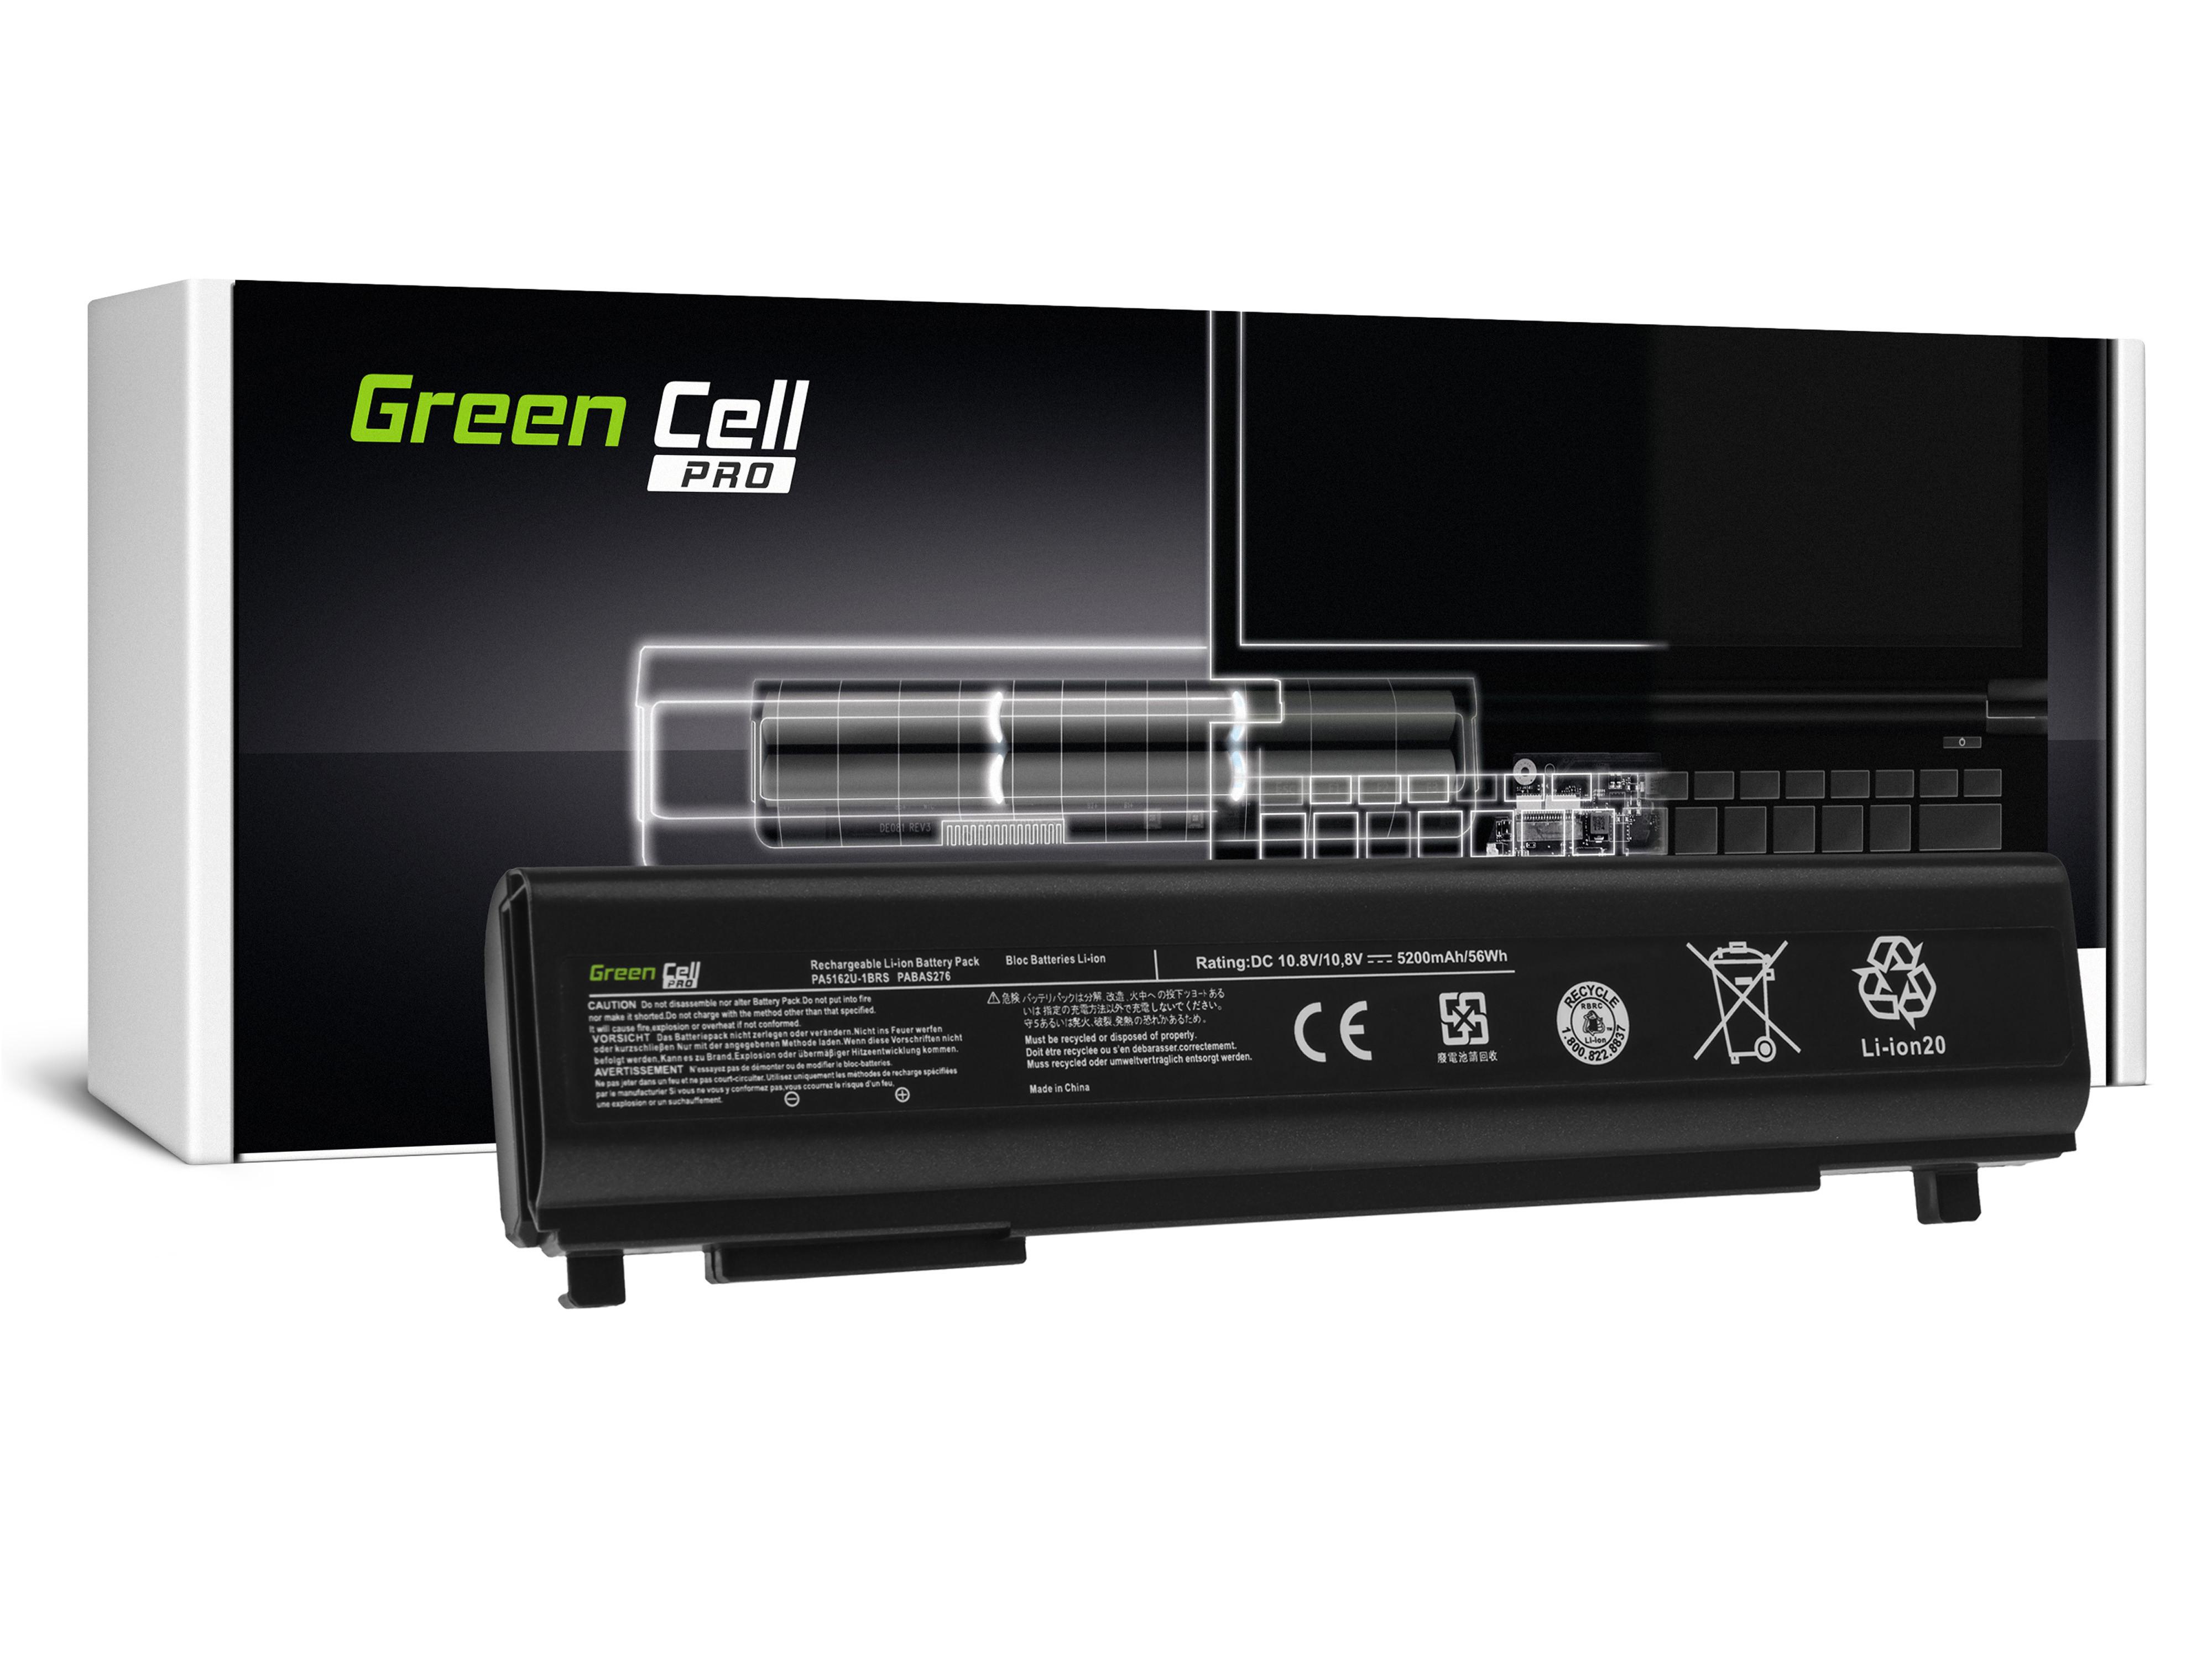 Green Cell TS39PRO Baterie PA5162U-1BRS,Toshiba Portege R30 R30-A R30-A-134 R30-A-14K R30-A-17K R30-A-15D R30-A-1C5 5200mAh Li-ion - neoriginální